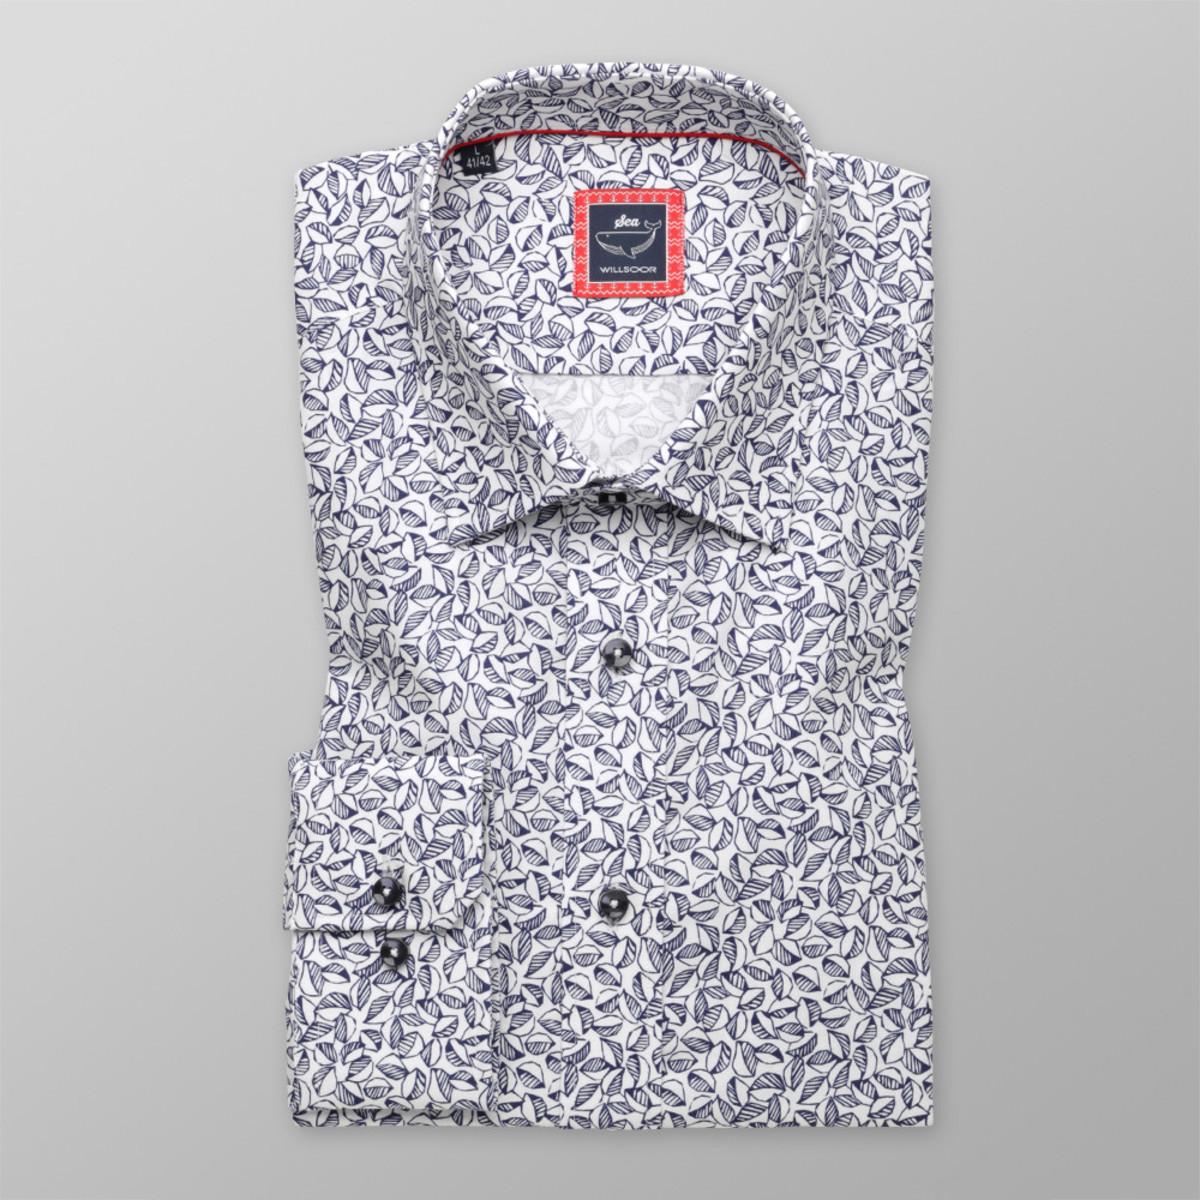 Košile Slim Fit (výška 176-182) 9289 176-182 / L (41/42)